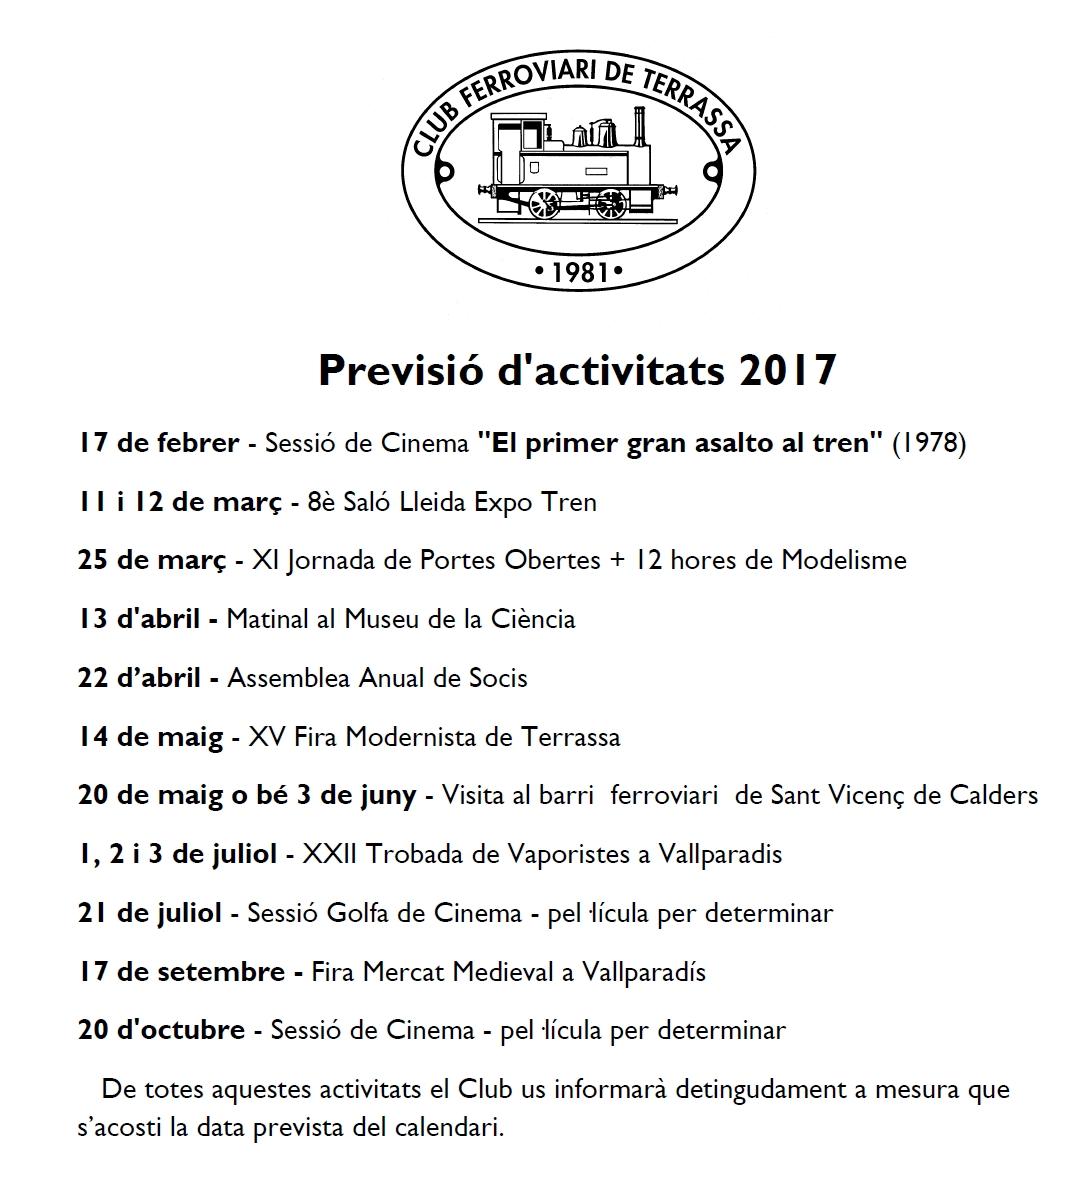 Actualització de la Previsió d'Activitats del Club Ferroviari de Terrassa. 3-ABRIL-2017